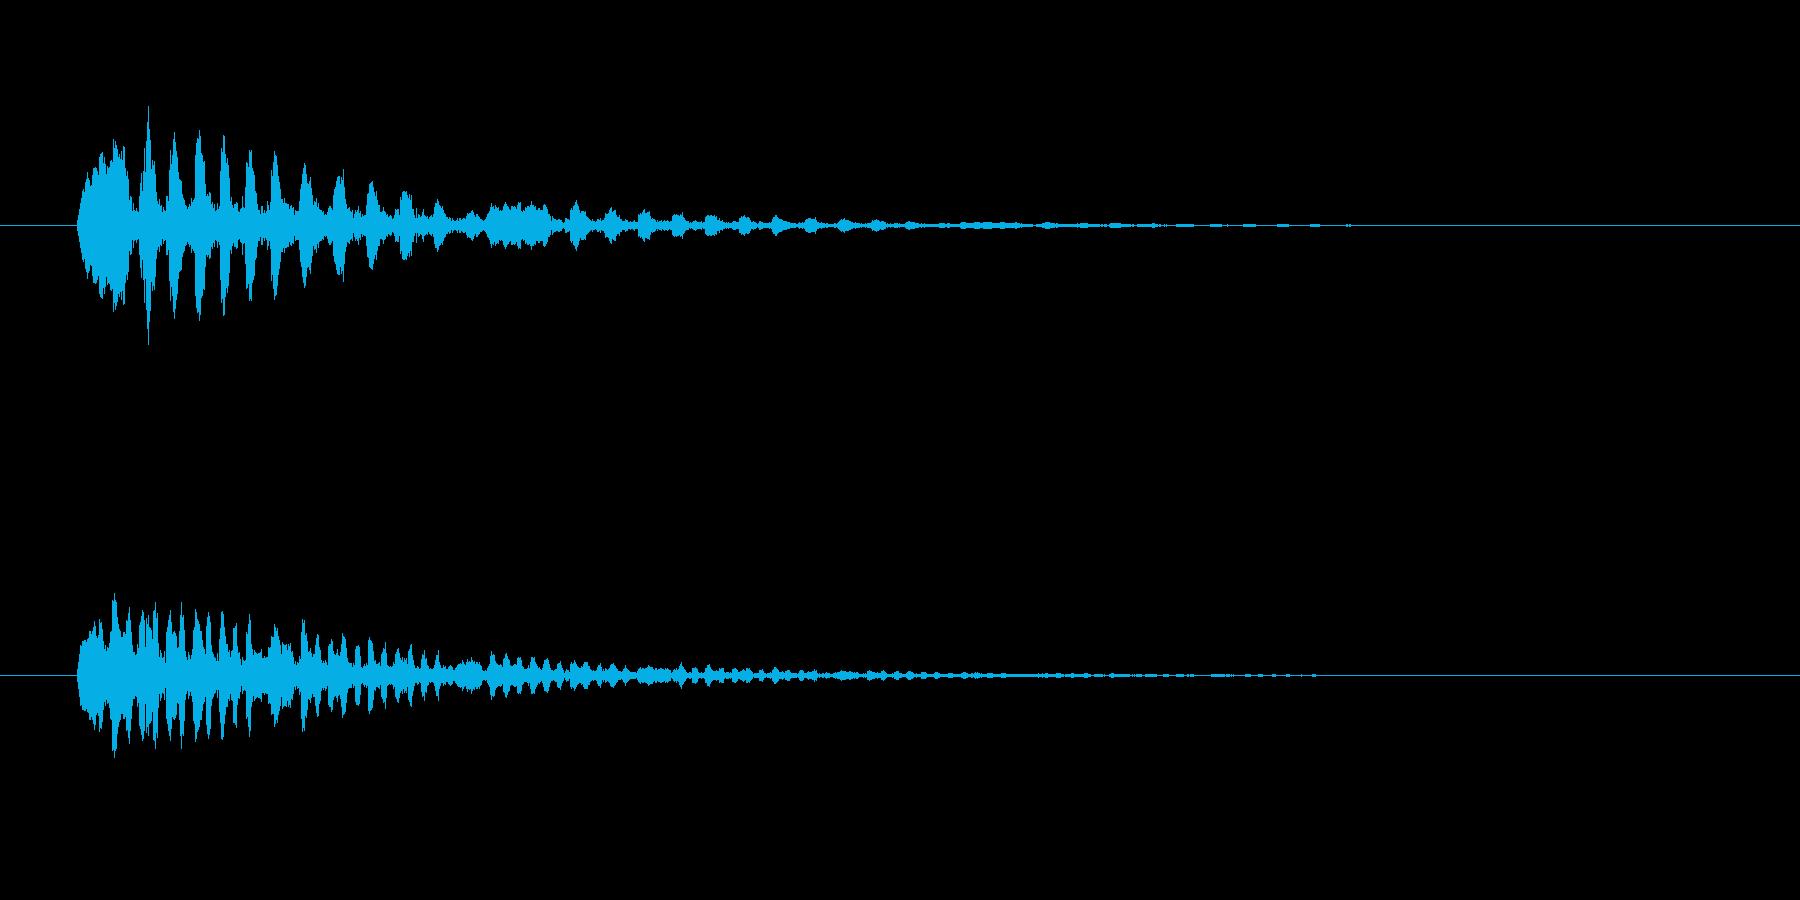 鳥のつぶやき、鳴き声などの音 SE1の再生済みの波形